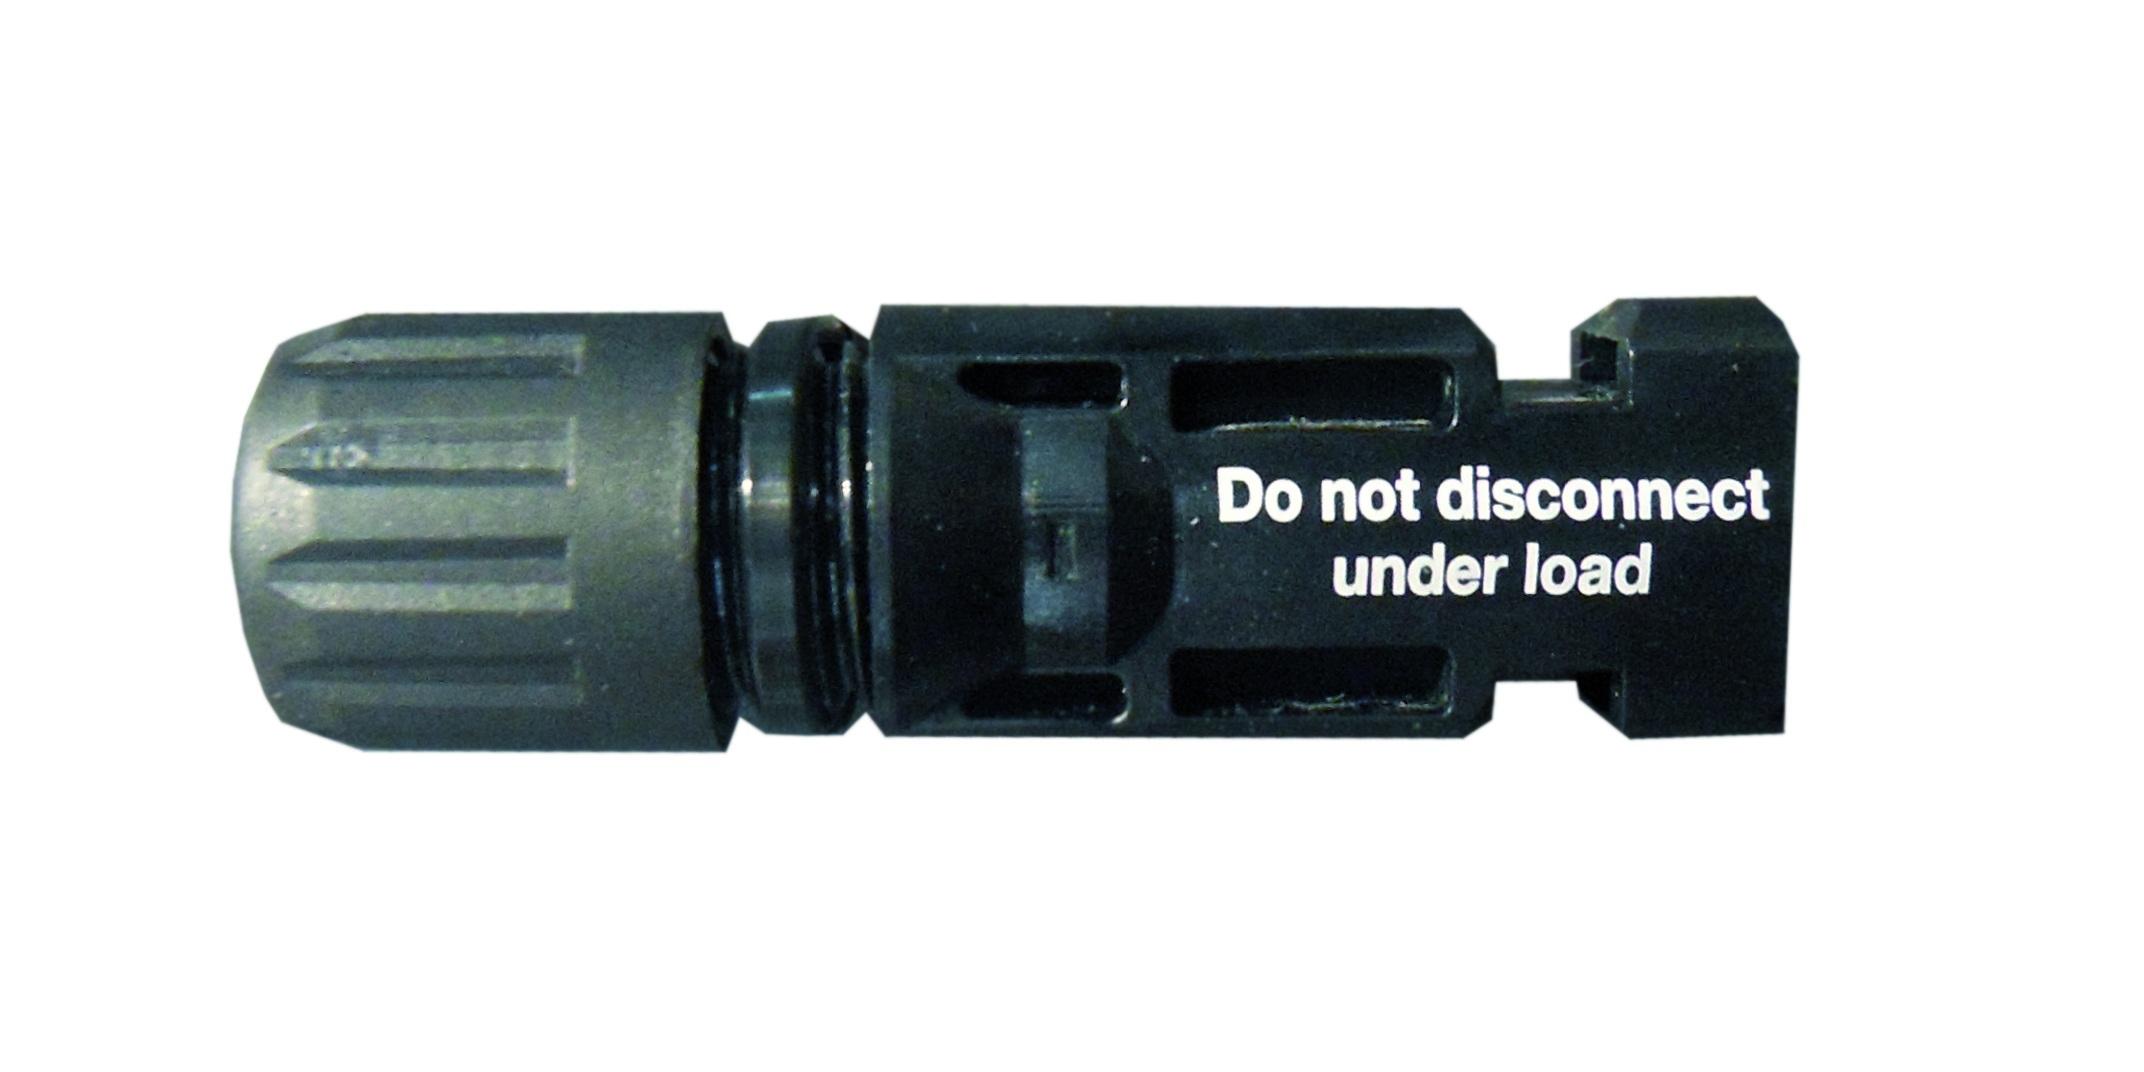 1 Stk Kupplungsstecker MC4 4-6mm² Ø-Kabelverschraubung 5,5 - 9mm PVA11000--